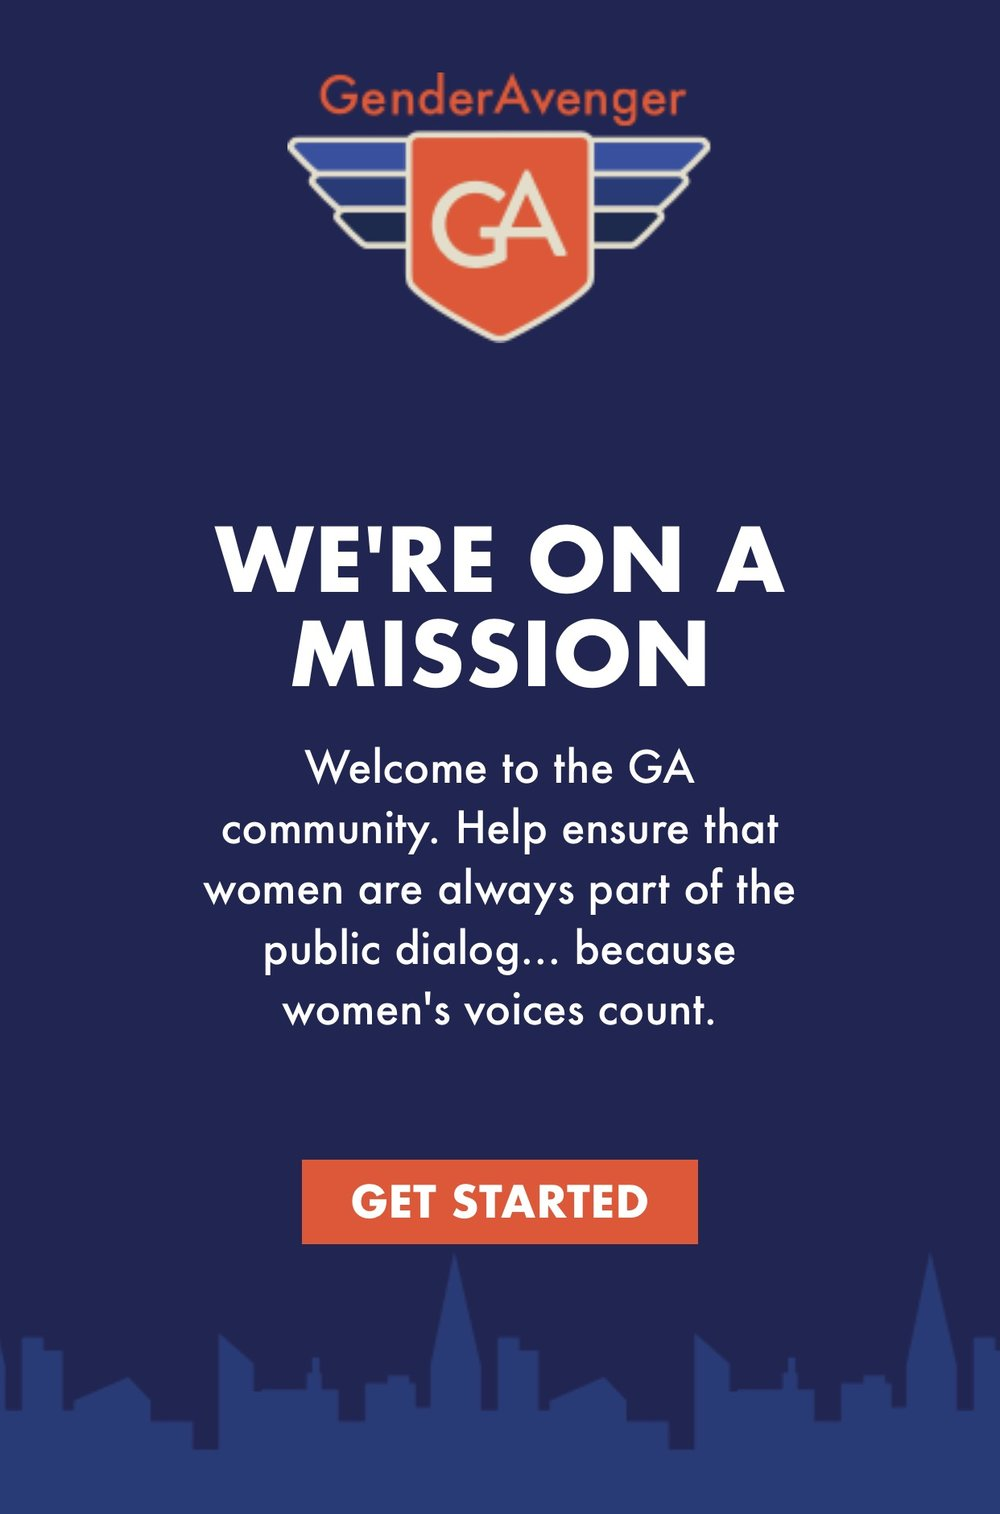 GenderAvenger GA Tally app